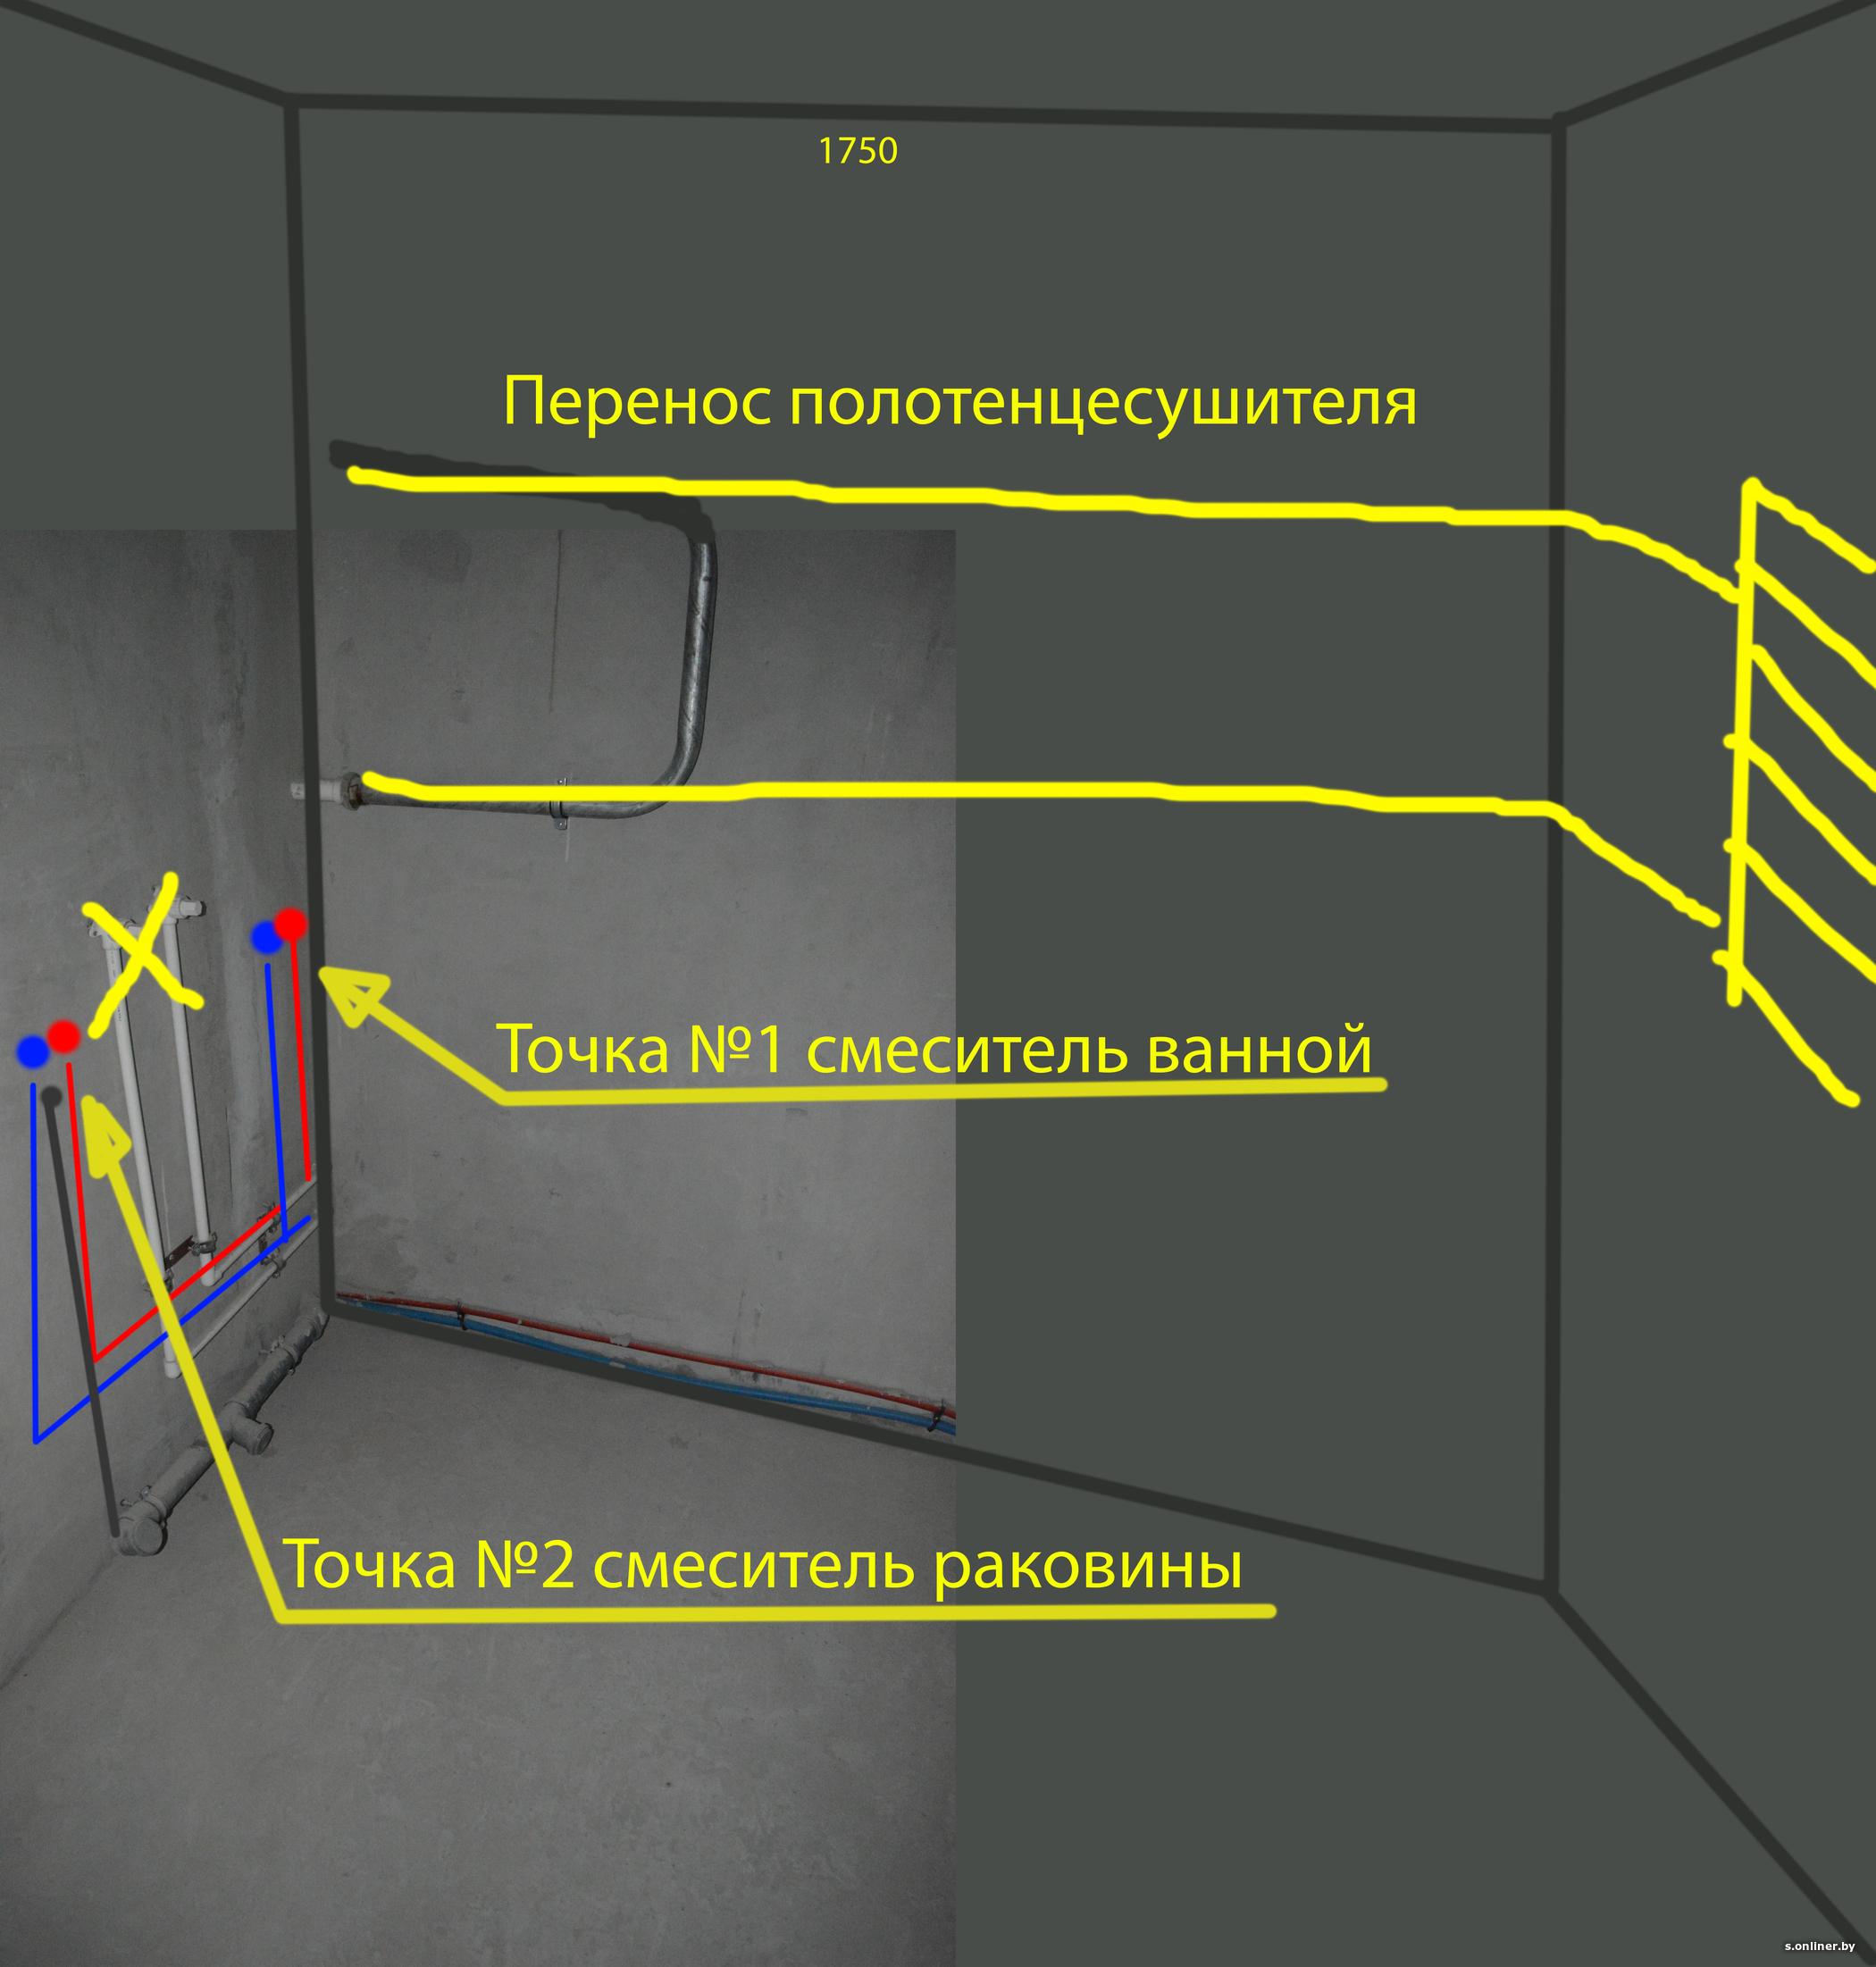 Перенос полотенцесушителя в ванной на другую стену (видео)